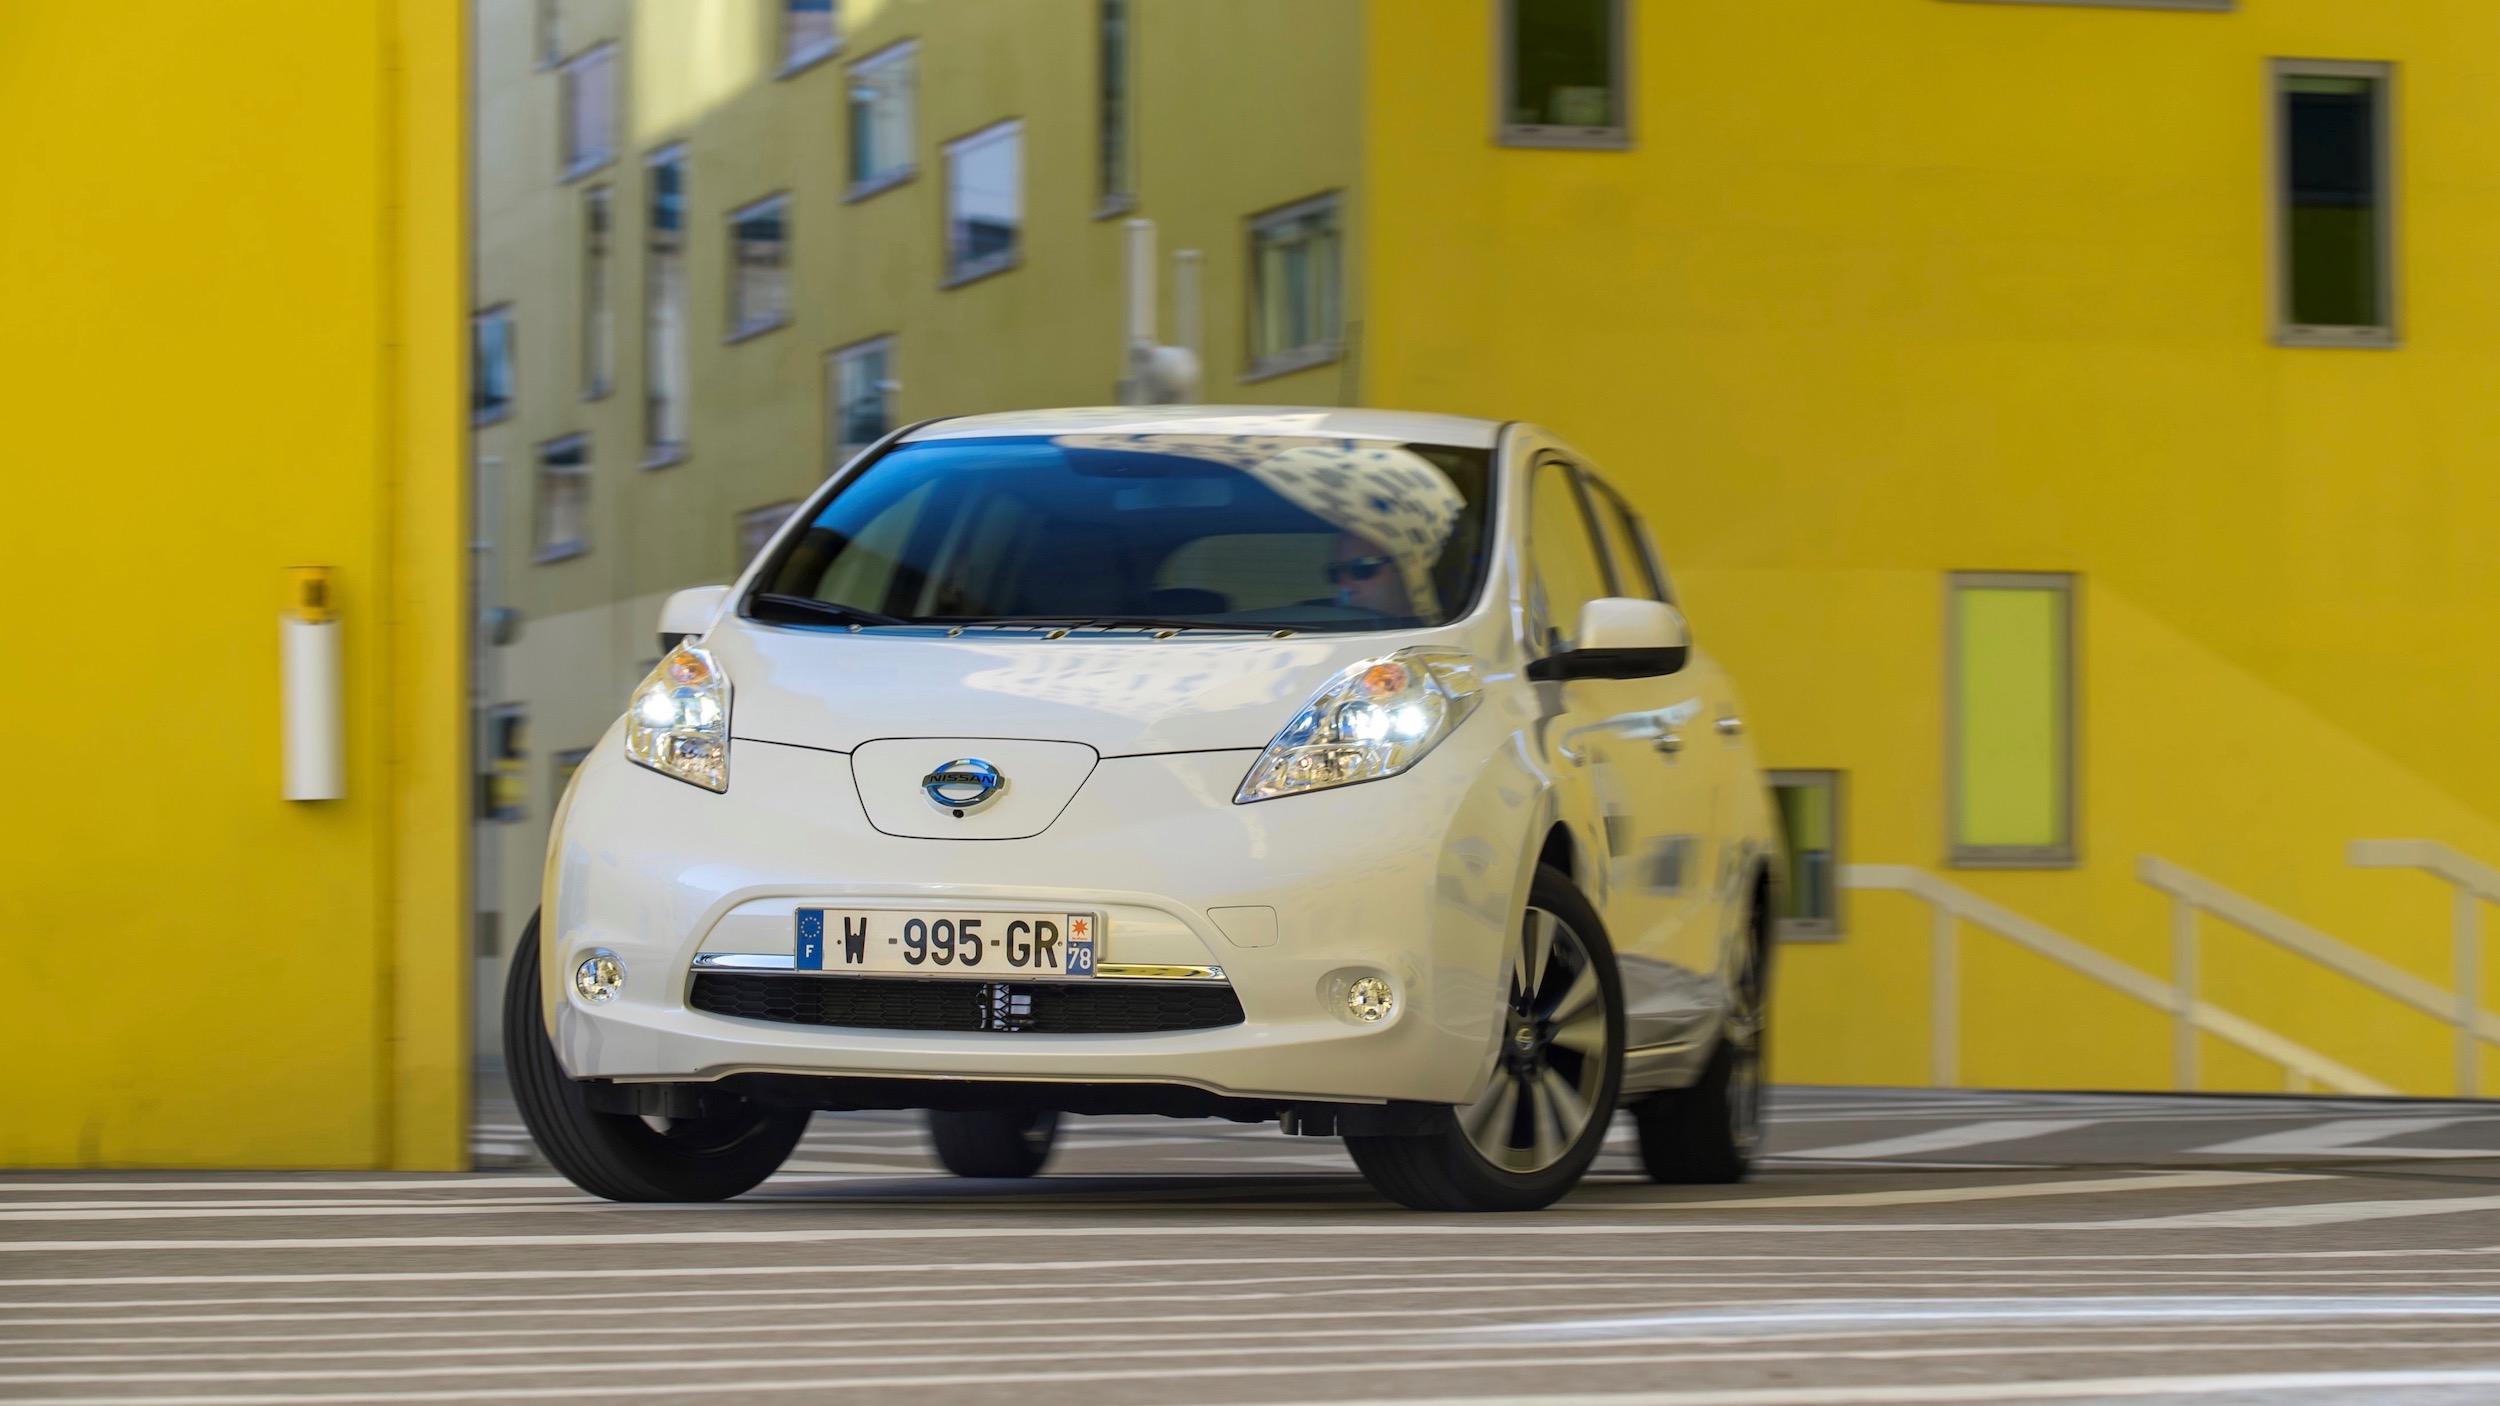 138578_The_new_longer_range_Nissan_LEAF_drives_through_Saint_tienne_M_tropole